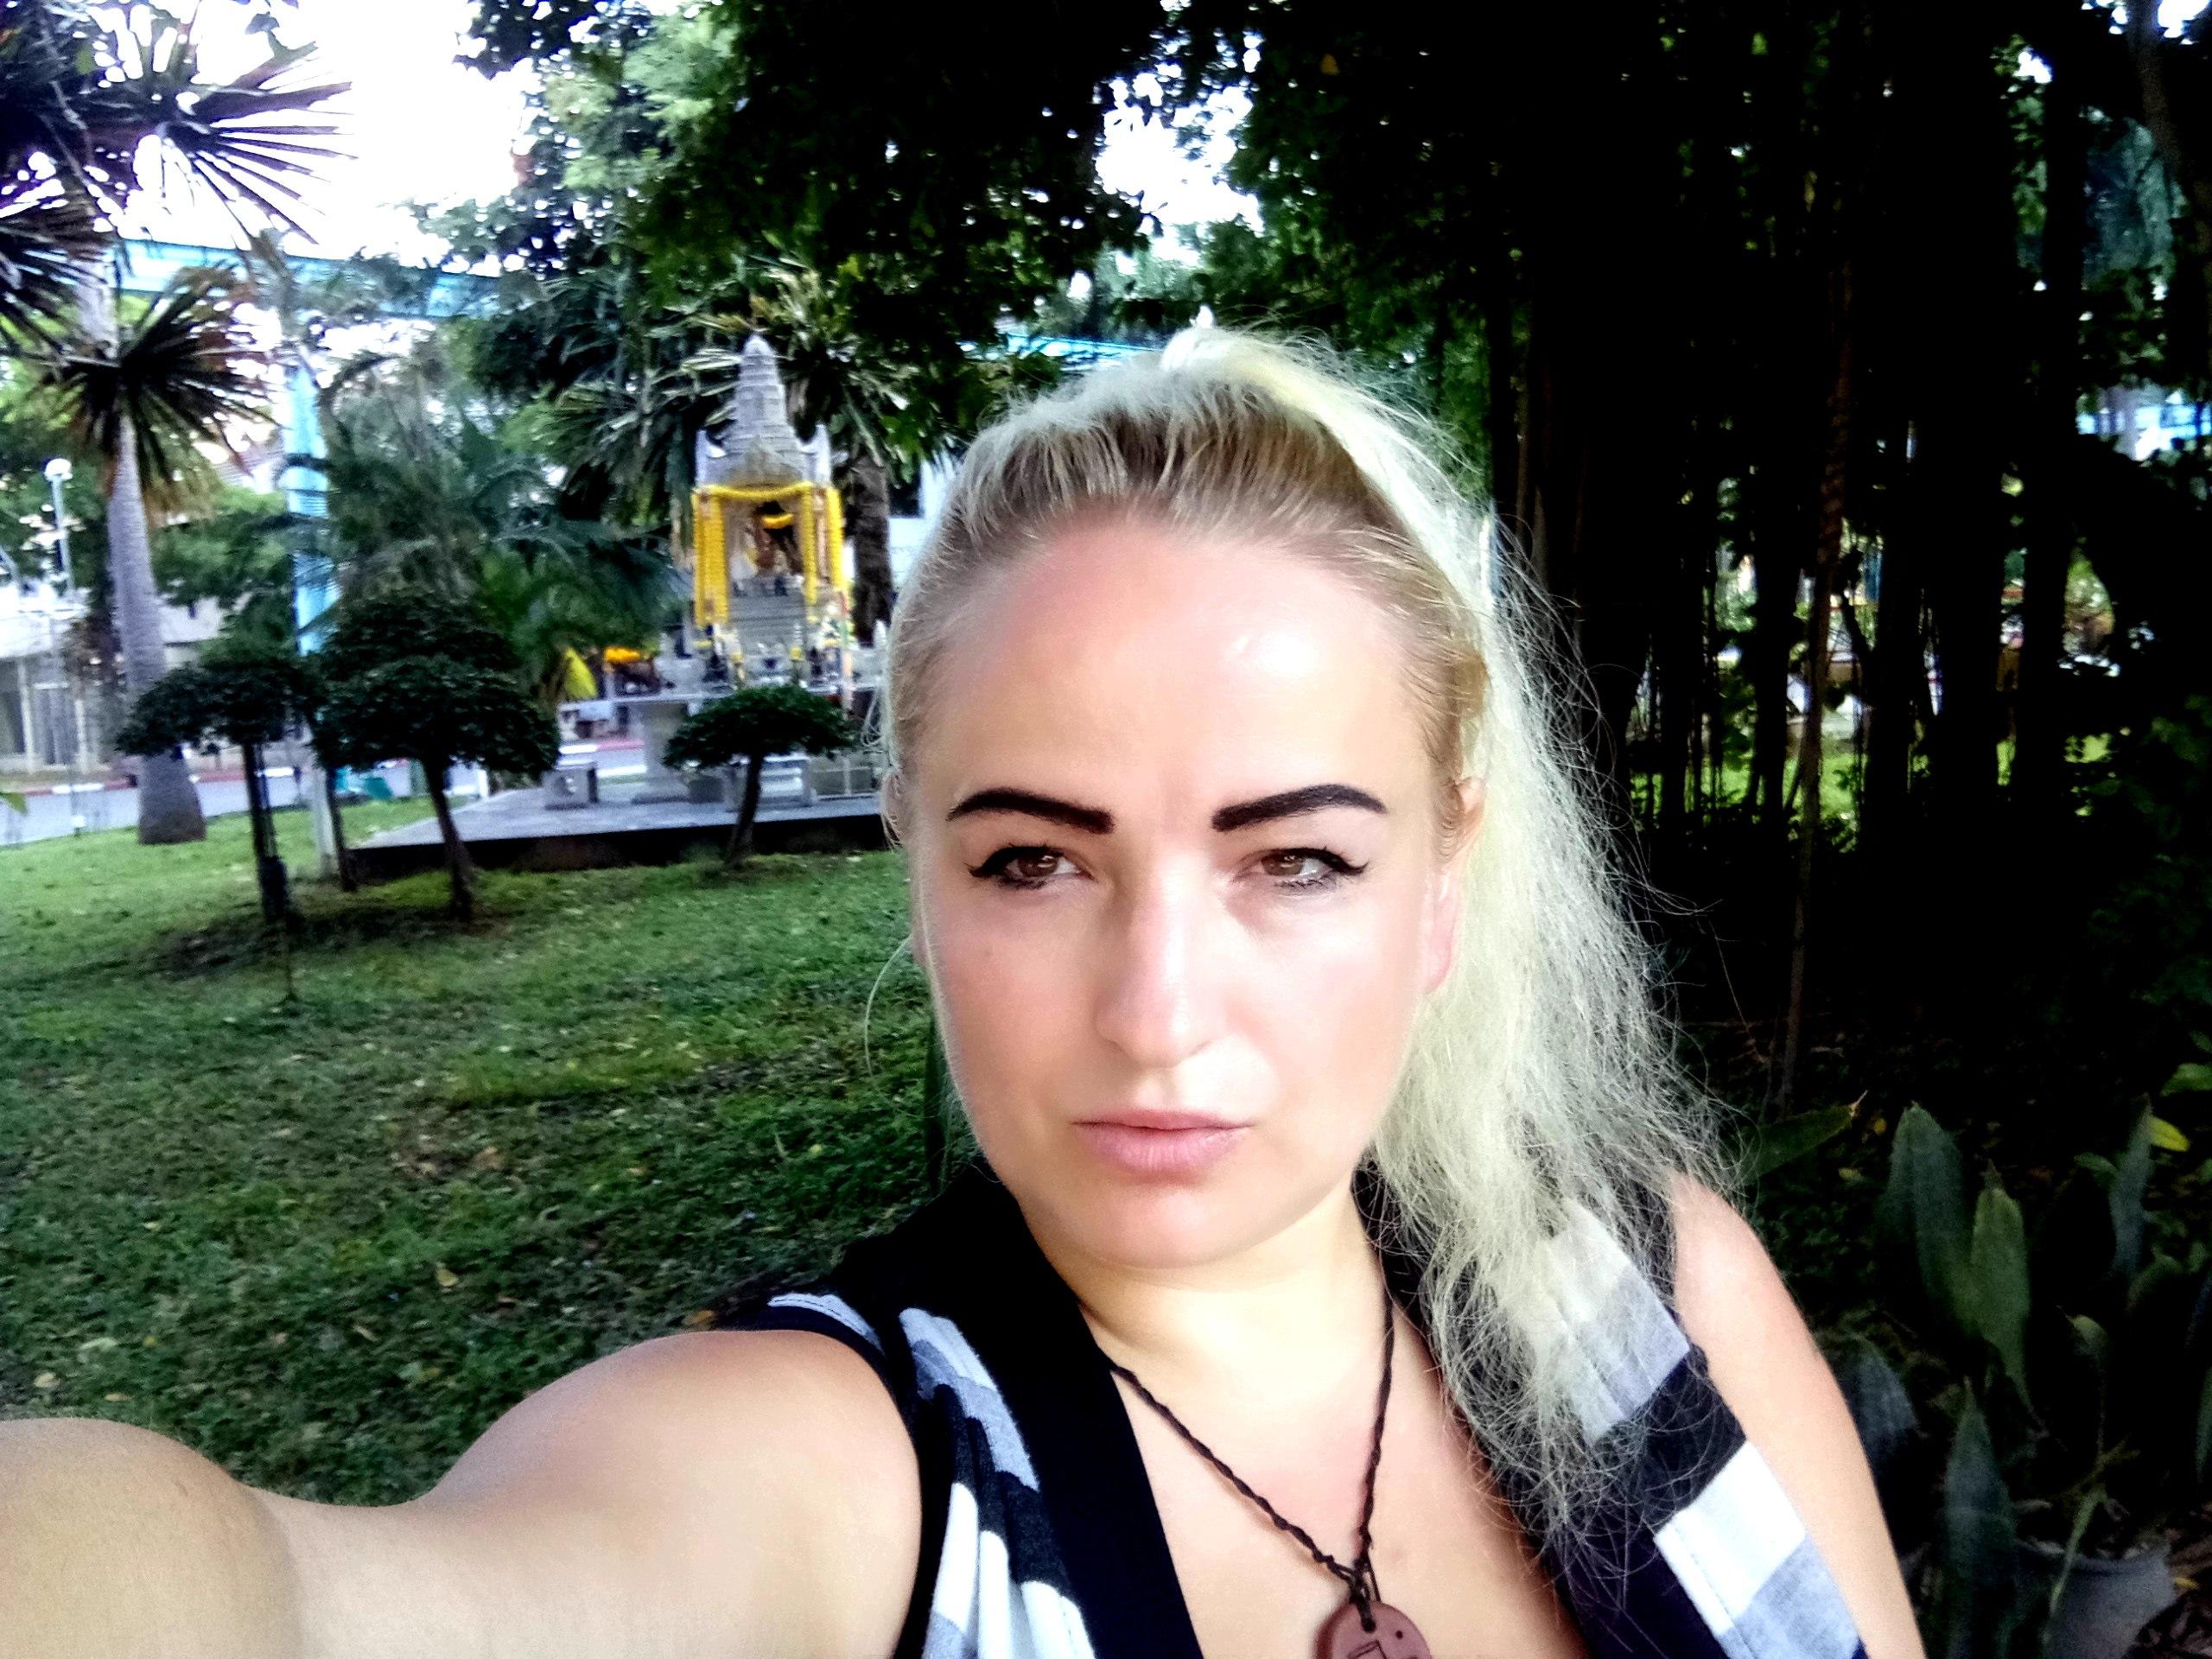 Елена Руденко (Валтея) Таиланд. Прогулка по Паттайе.  - Страница 4 OF32B3Quw9s